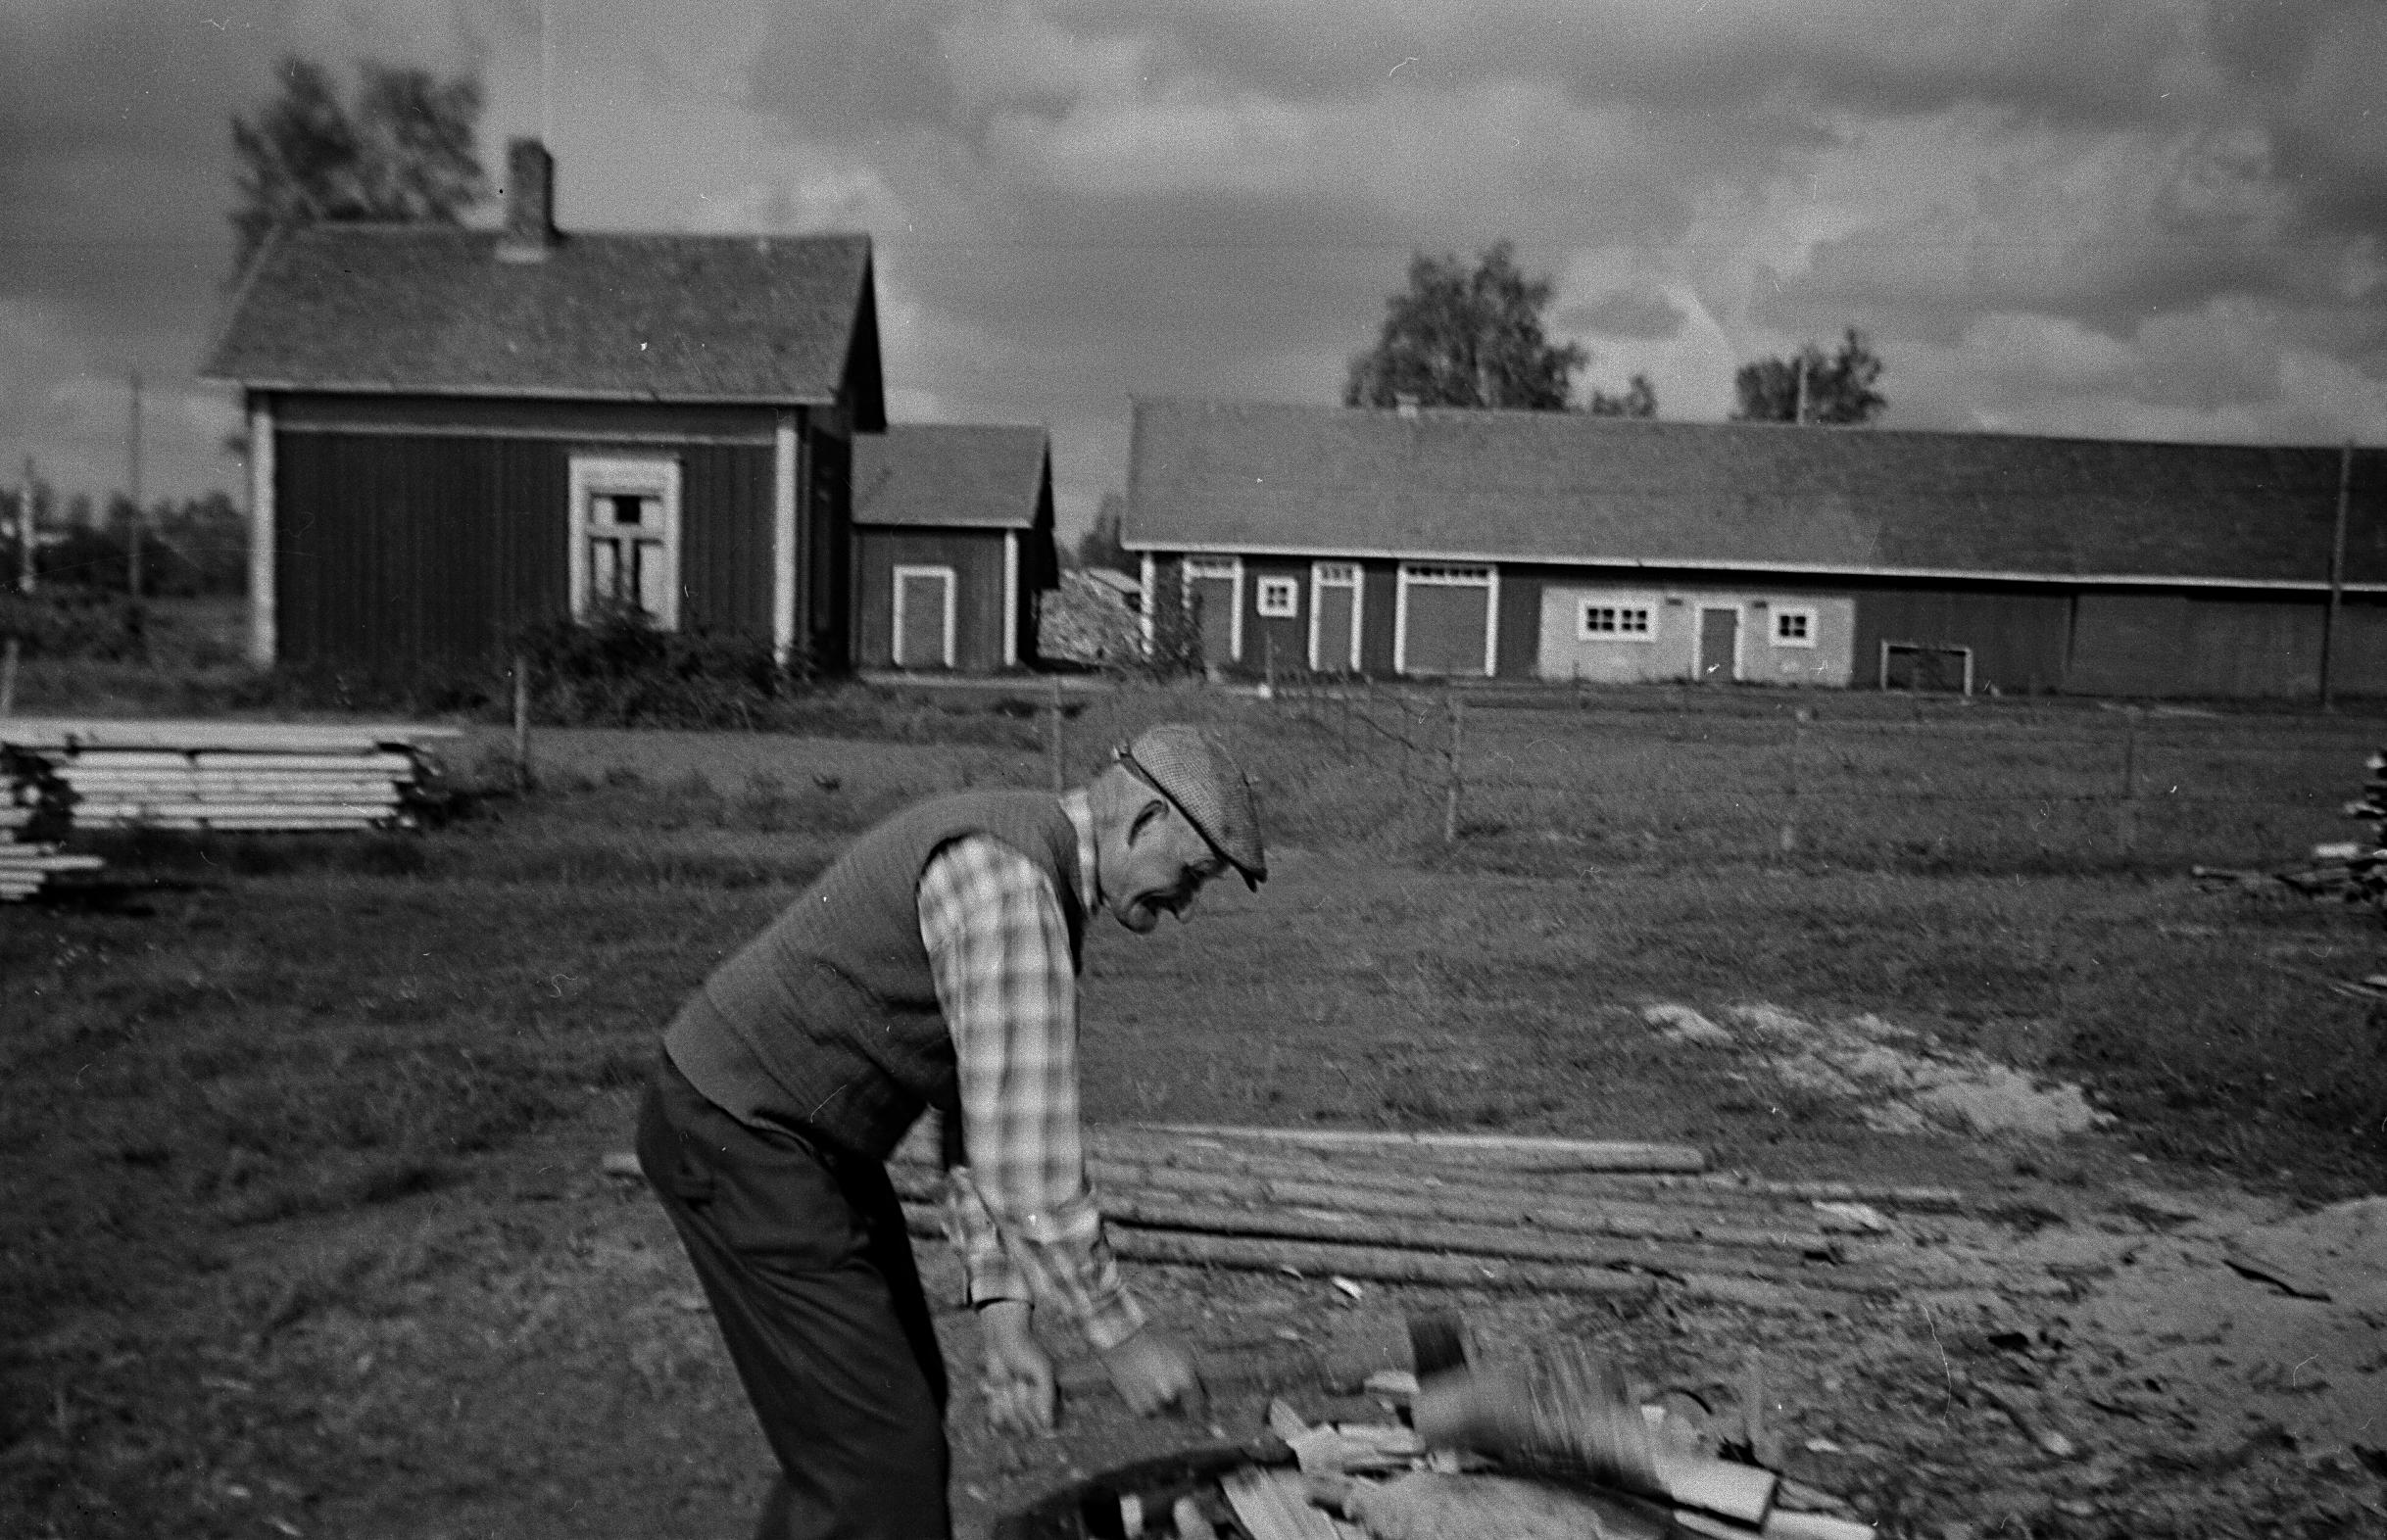 Ida Backlunds bror Frans Agnäs på den nya vedbacken i början på 50-talet. Backlundas uthusen i bakgrunden.